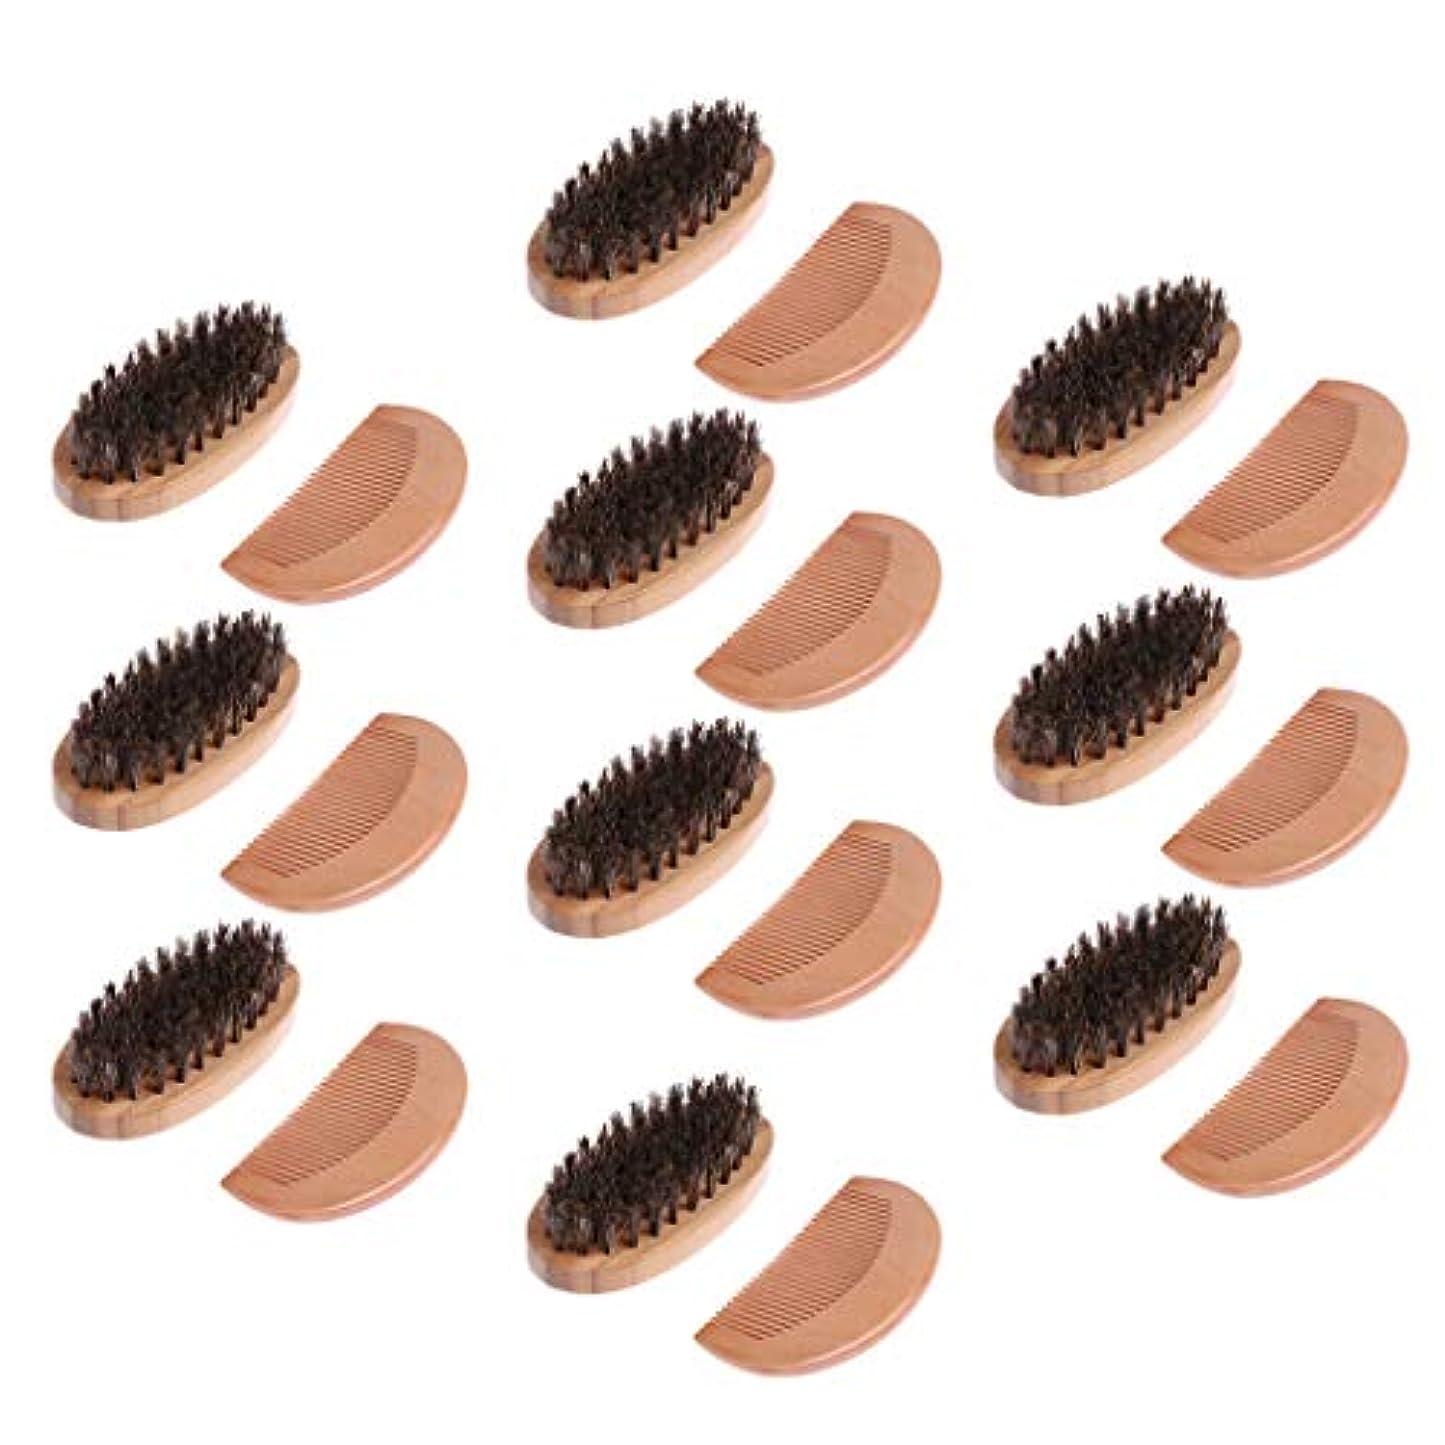 前提条件より多い手配するKESOTO 全30個 ひげケア必需品 男性用 ビアードセット ひげブラシ 櫛 髭用コーム 収納袋付き 実用的